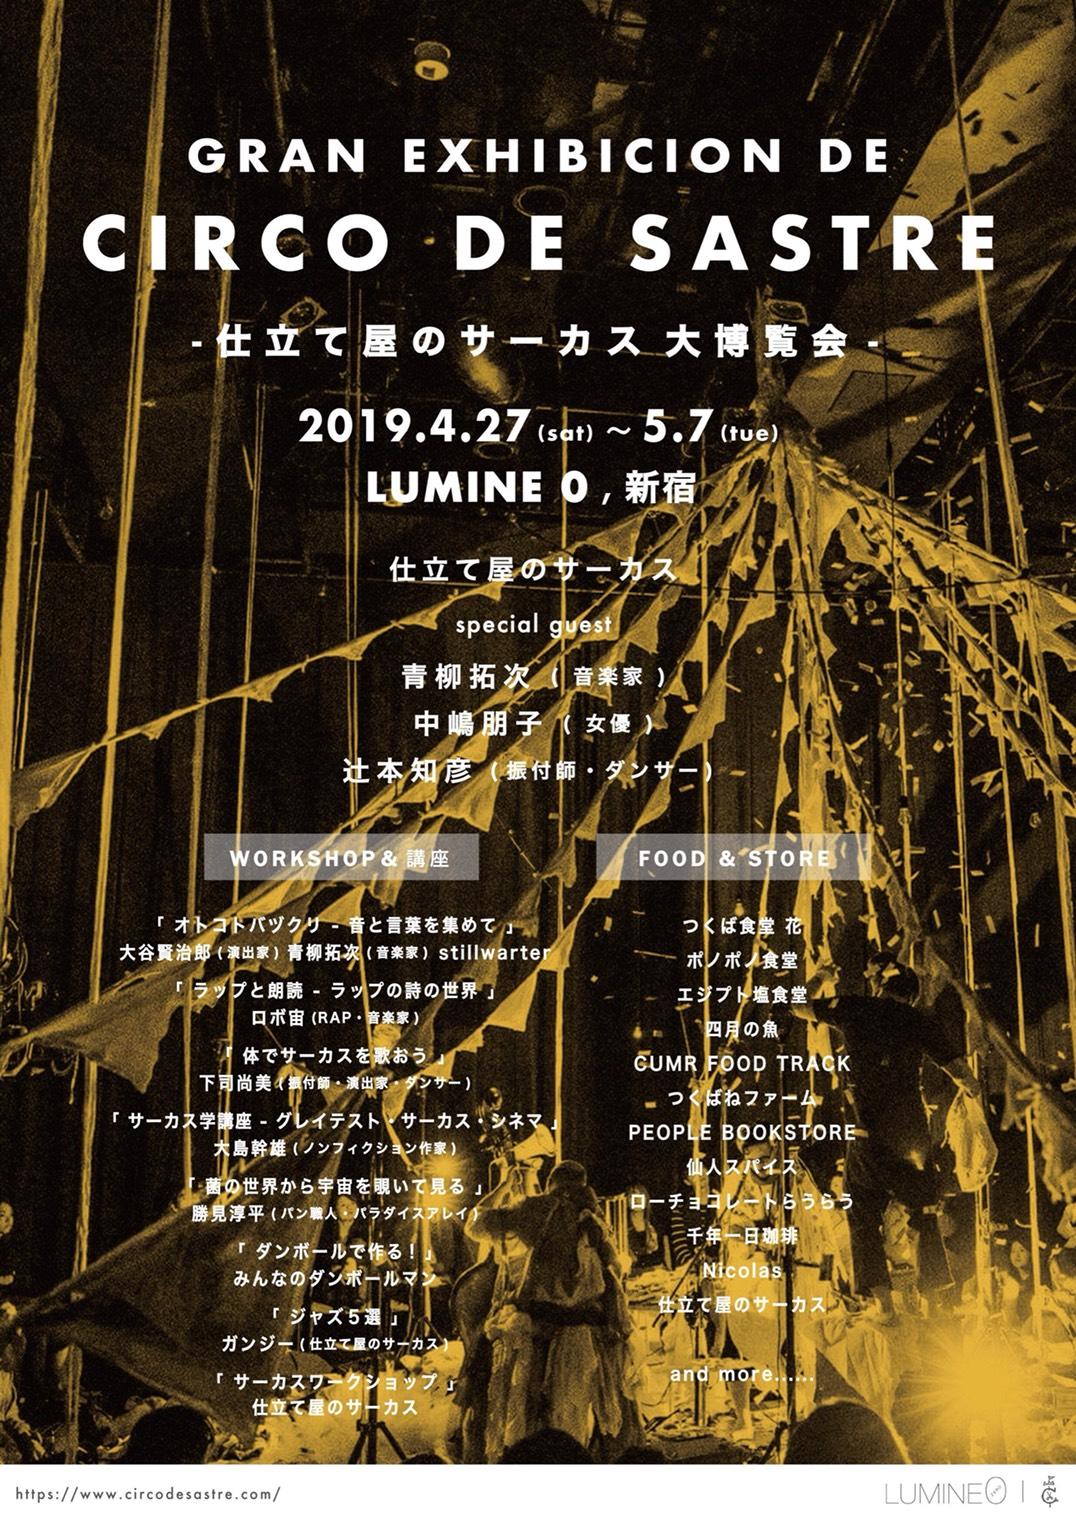 仕立て屋のサーカス大博覧会 - Gran Exhibición de Circo de Sastre・5/6(月) 夜公演 ゲスト:辻本知彦 ( 振付師・ダンサー )